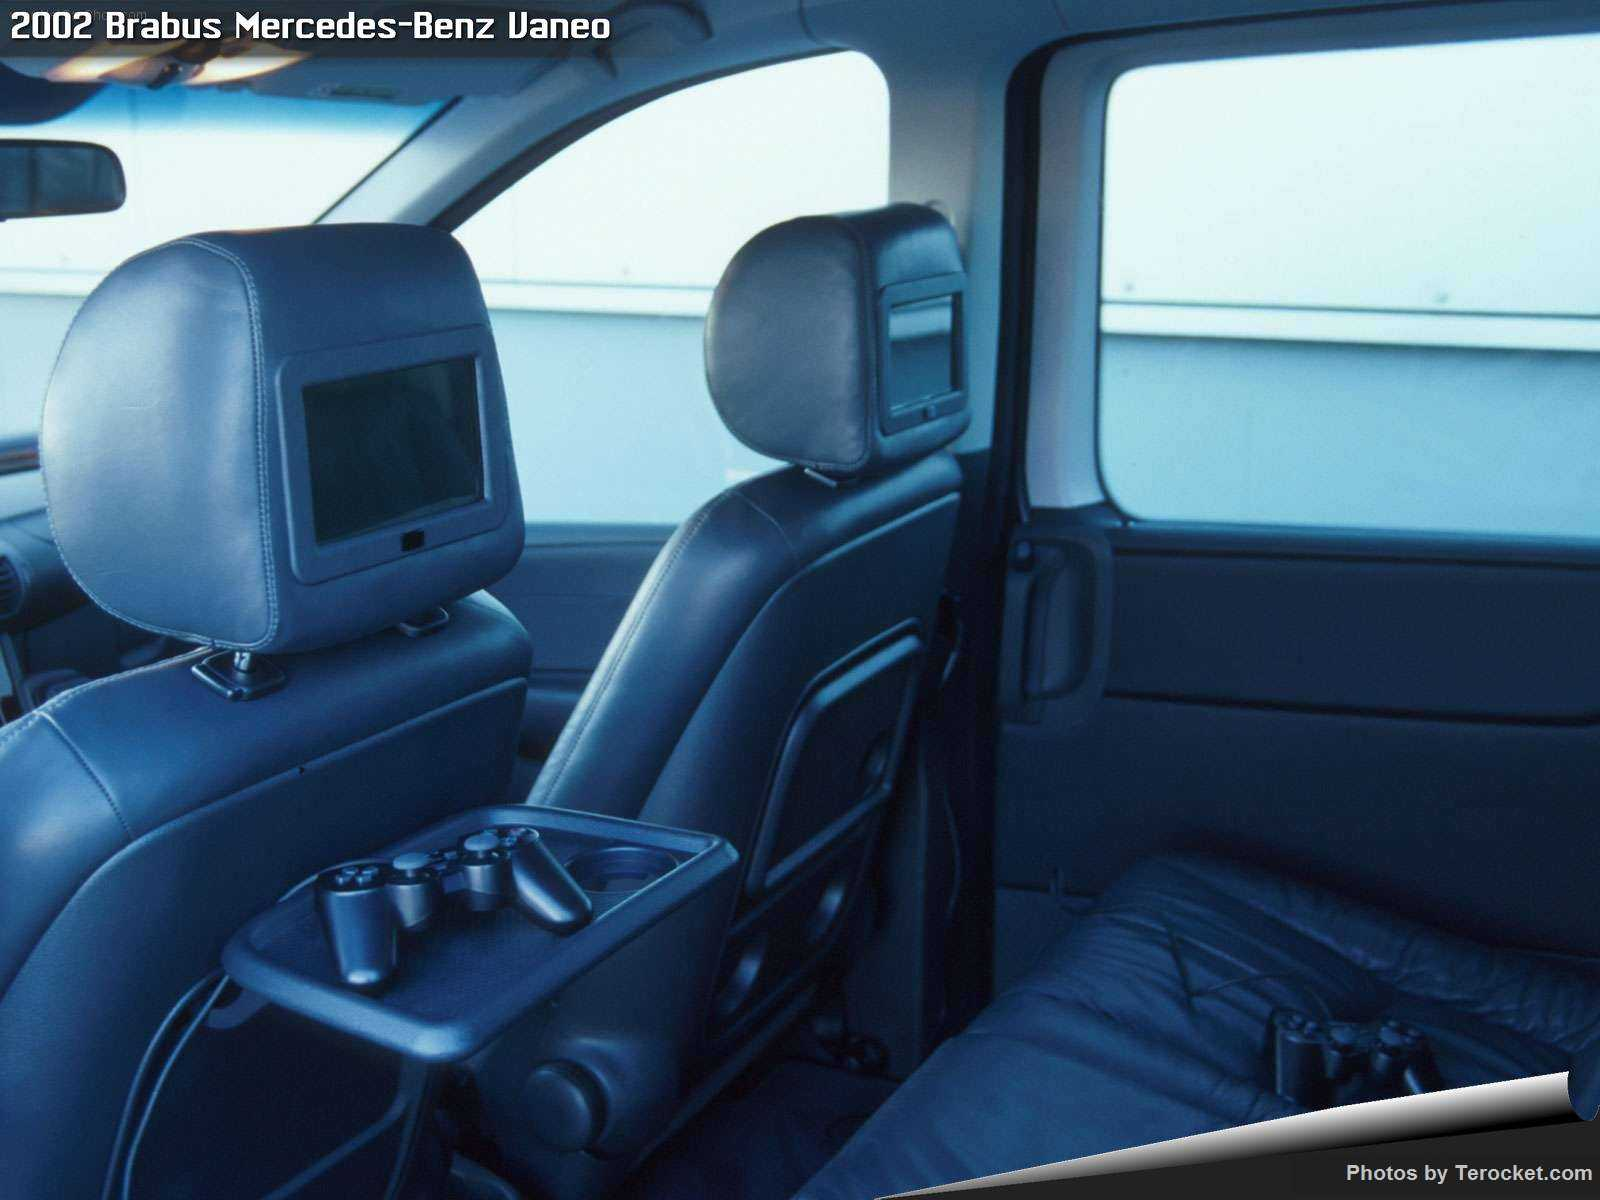 Hình ảnh xe ô tô Brabus Mercedes-Benz Vaneo 2002 & nội ngoại thất